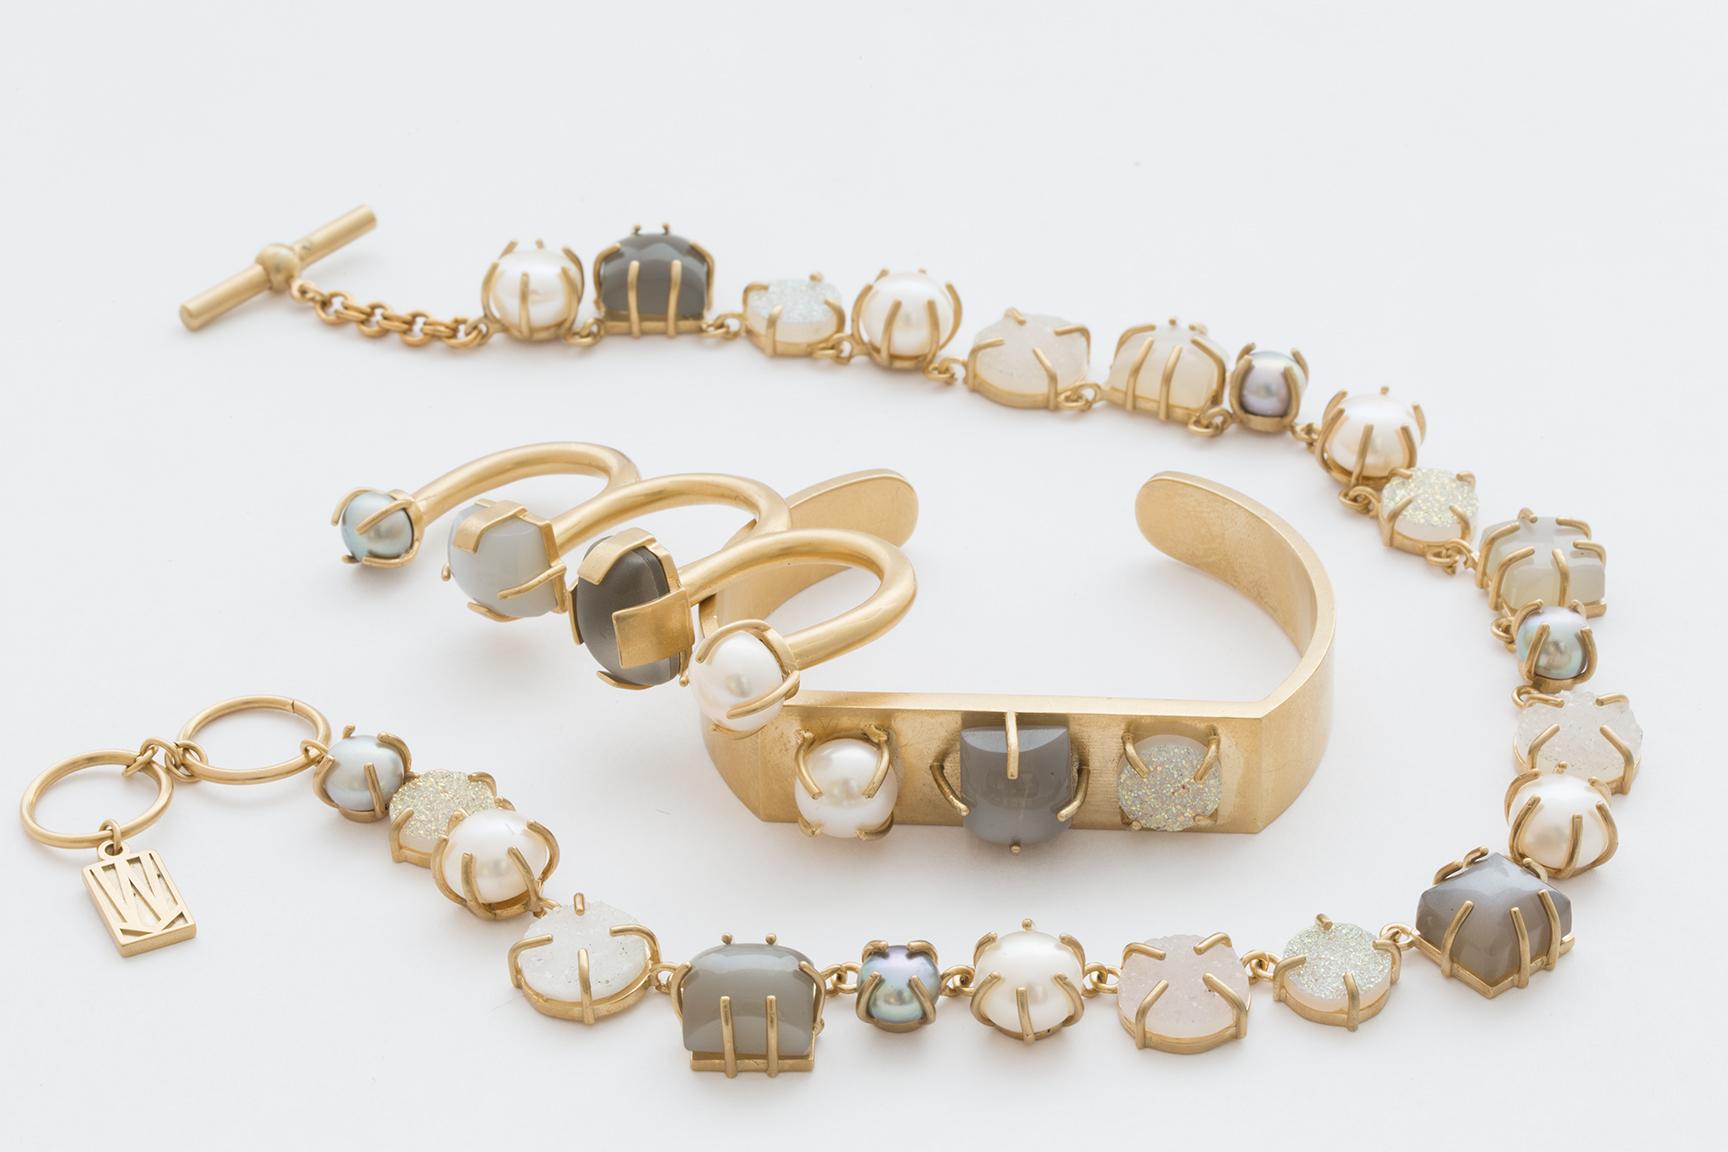 KW_ProductPhoto_Jewelry_2_WEB.jpg